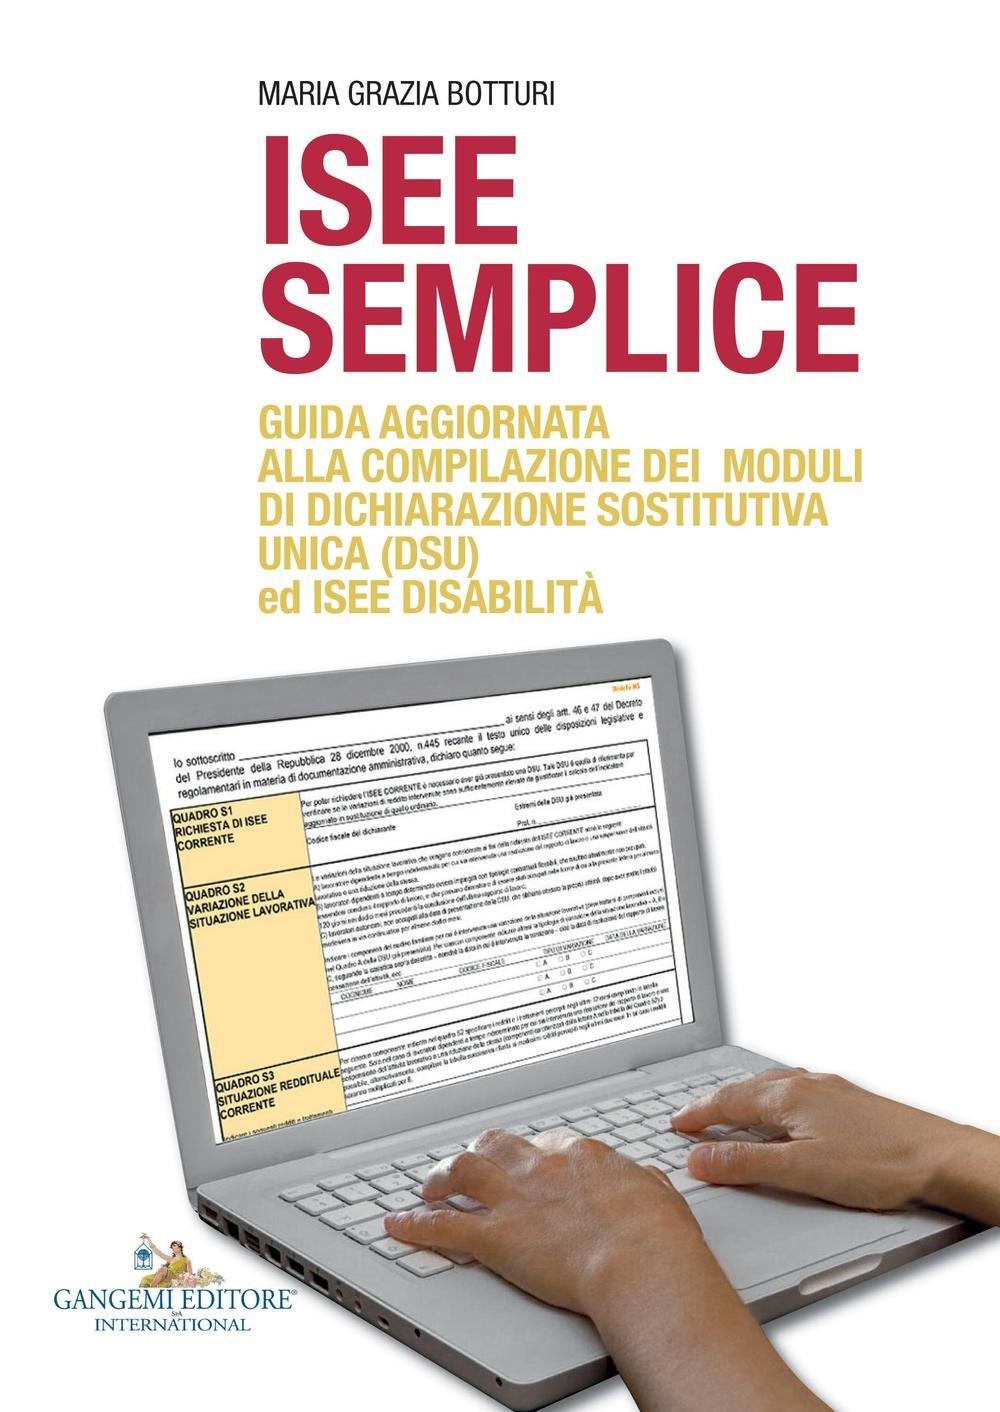 ISEE semplice. Guida aggiornata alla compilazione dei moduli di dichiarazione sostitutiva unica (DSU